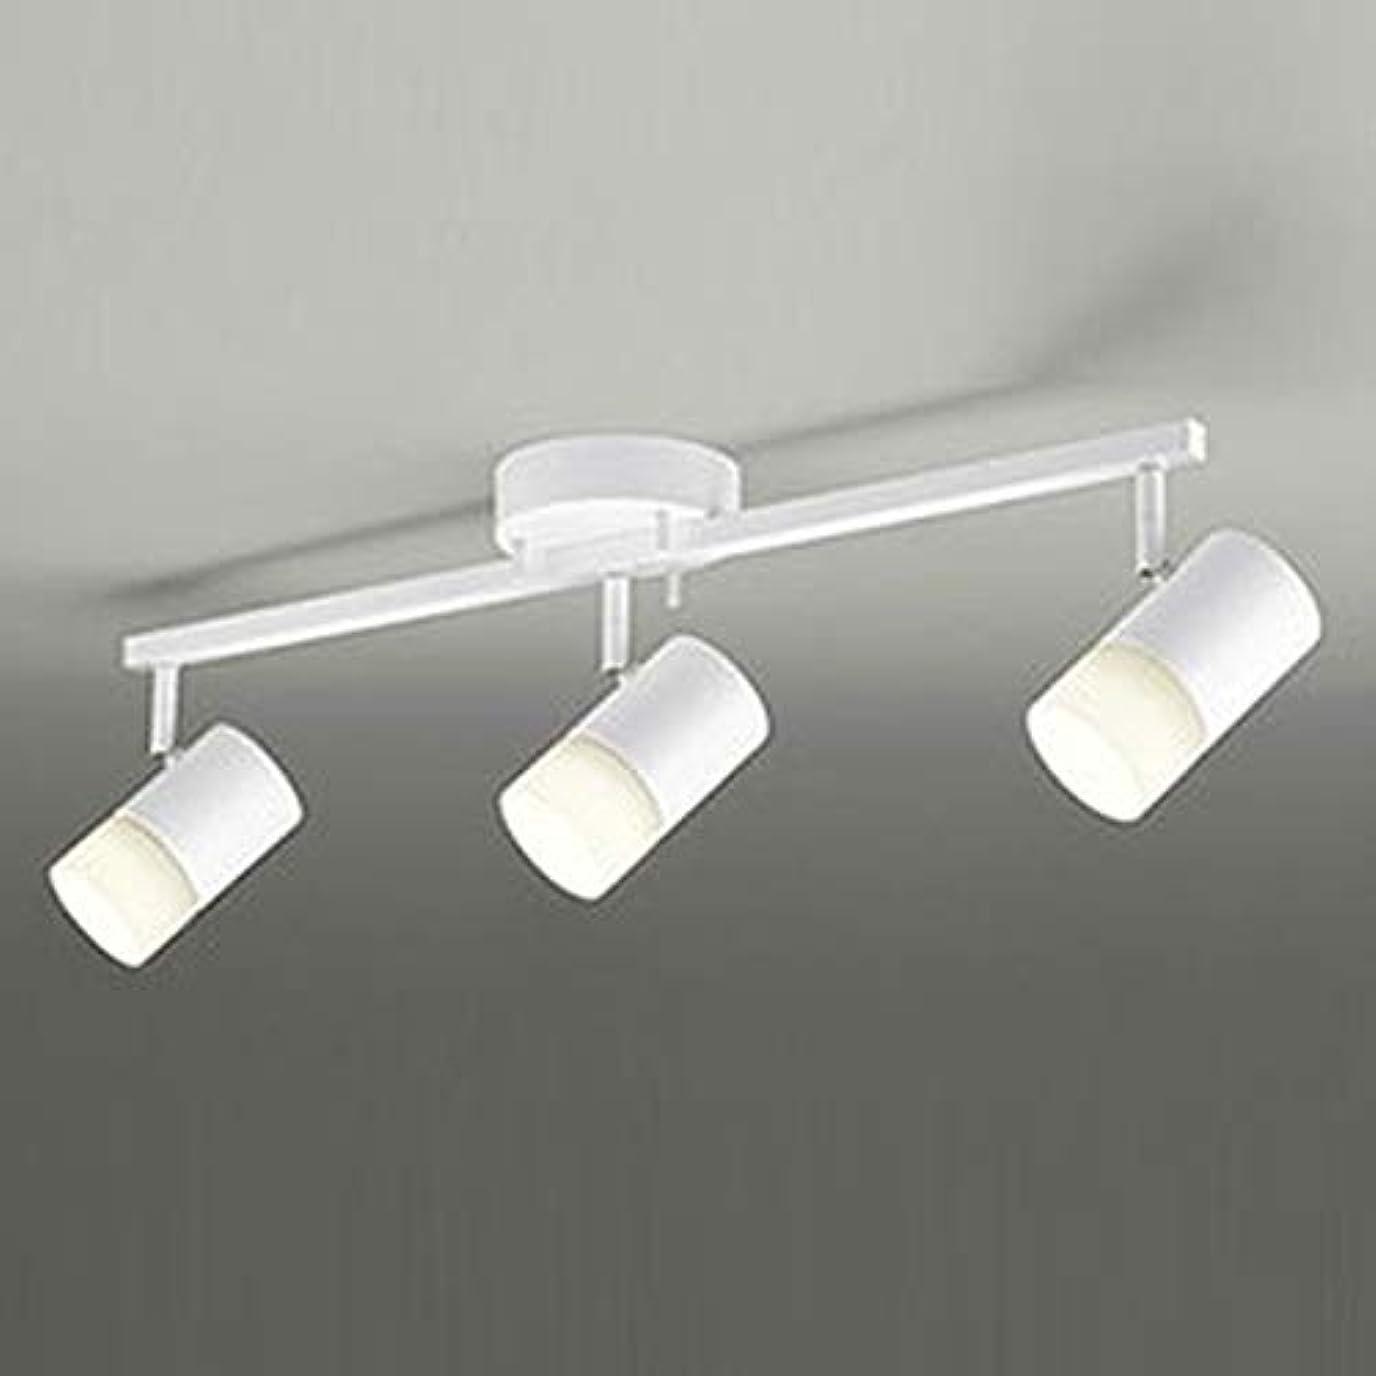 遠え非アクティブ大宇宙ODELIC(オーデリック) LEDシャンデリア 調光?調色タイプ LC-FREE Bluetooth対応 OC257003BC